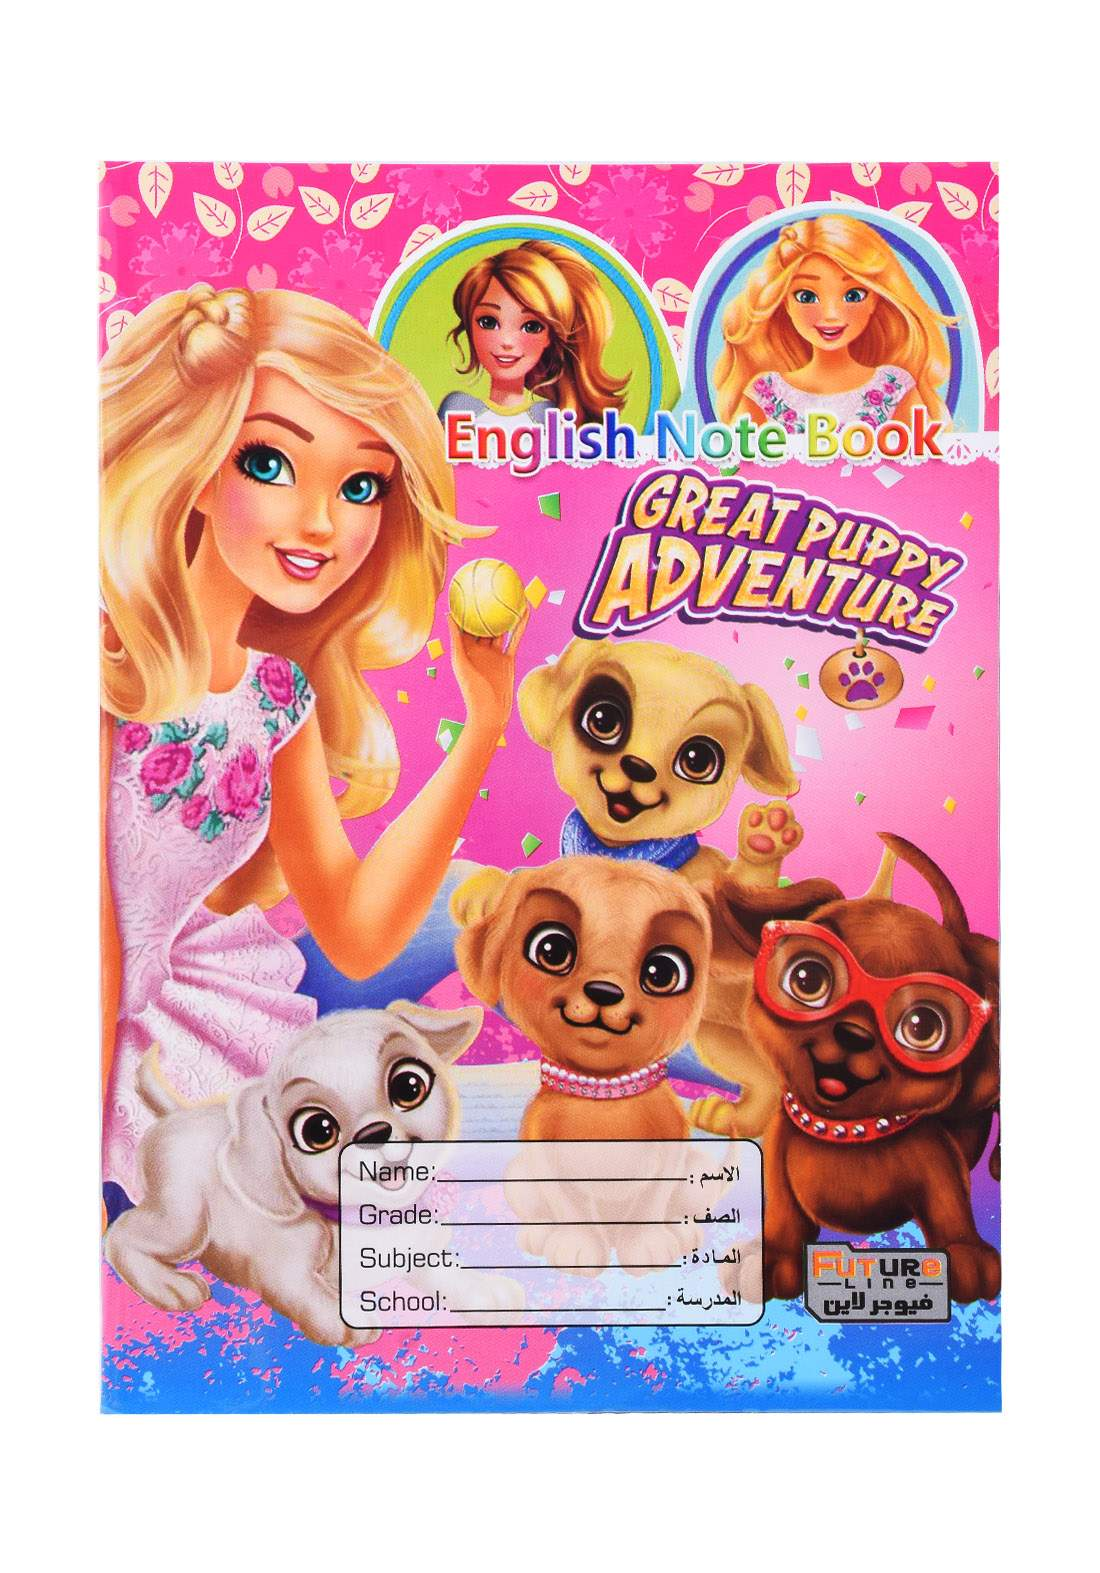 دفتر أنكليزي  92 ورقة برسمة Great puppy Adventure